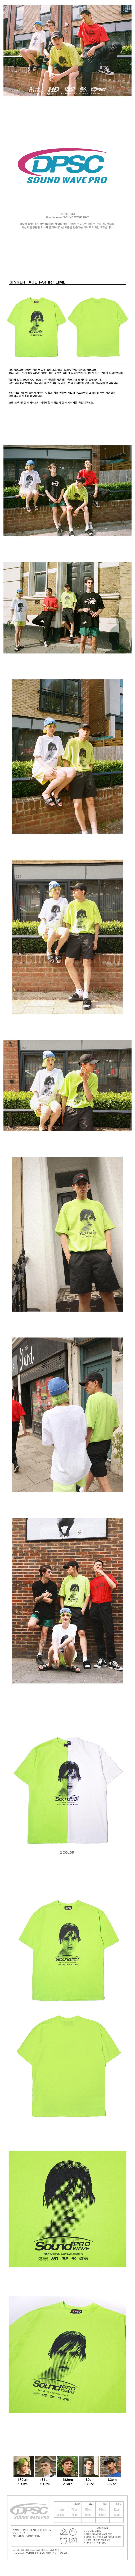 싱어 페이스 티셔츠 라임.jpg